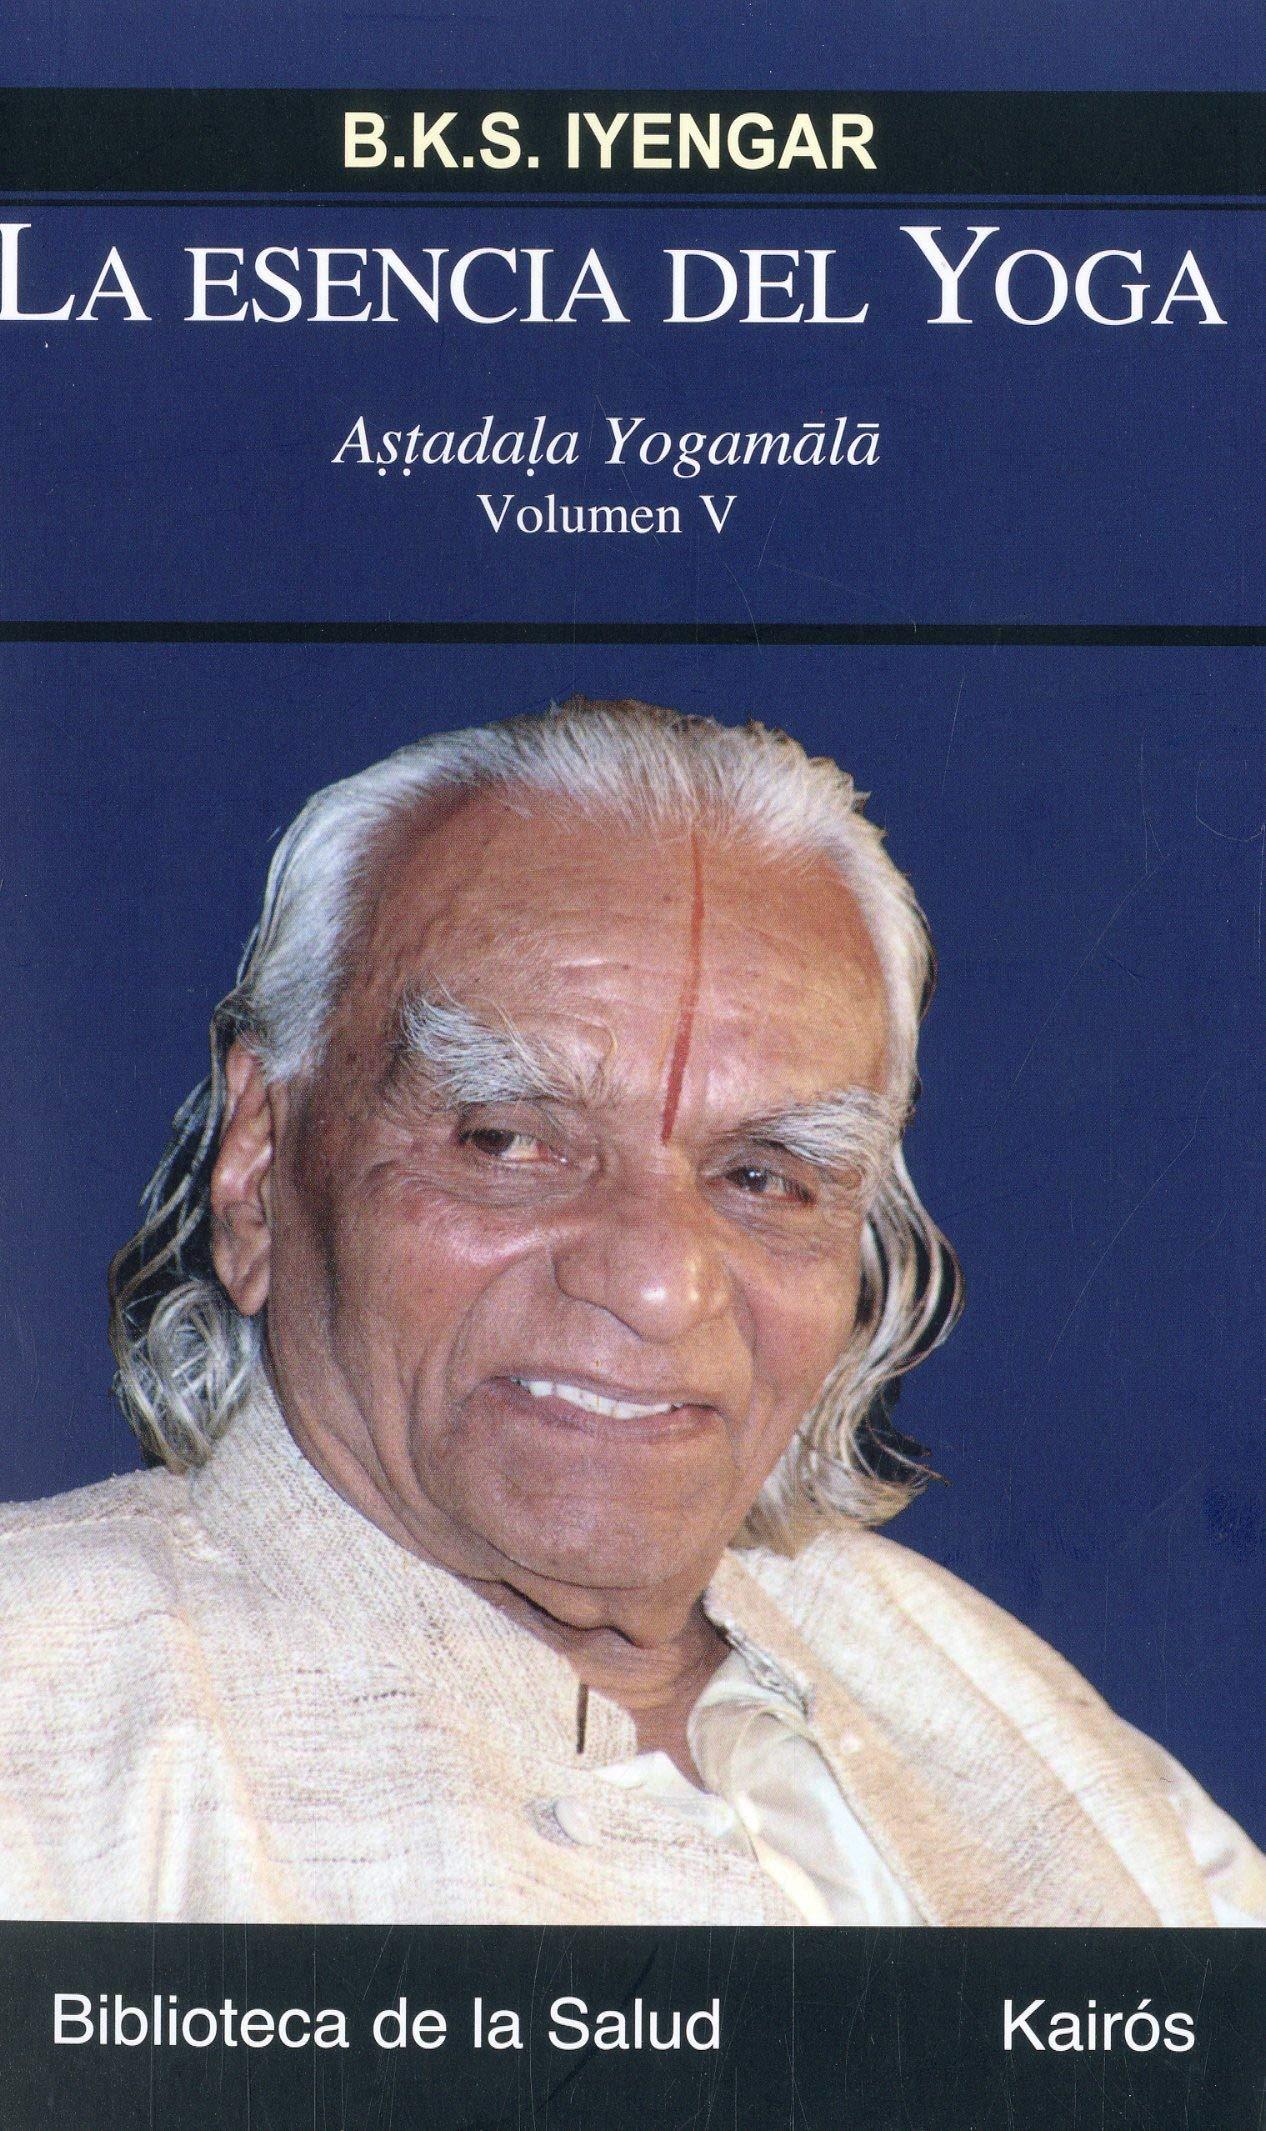 La esencia del yoga V: Astadala Yogamala Biblioteca de la ...